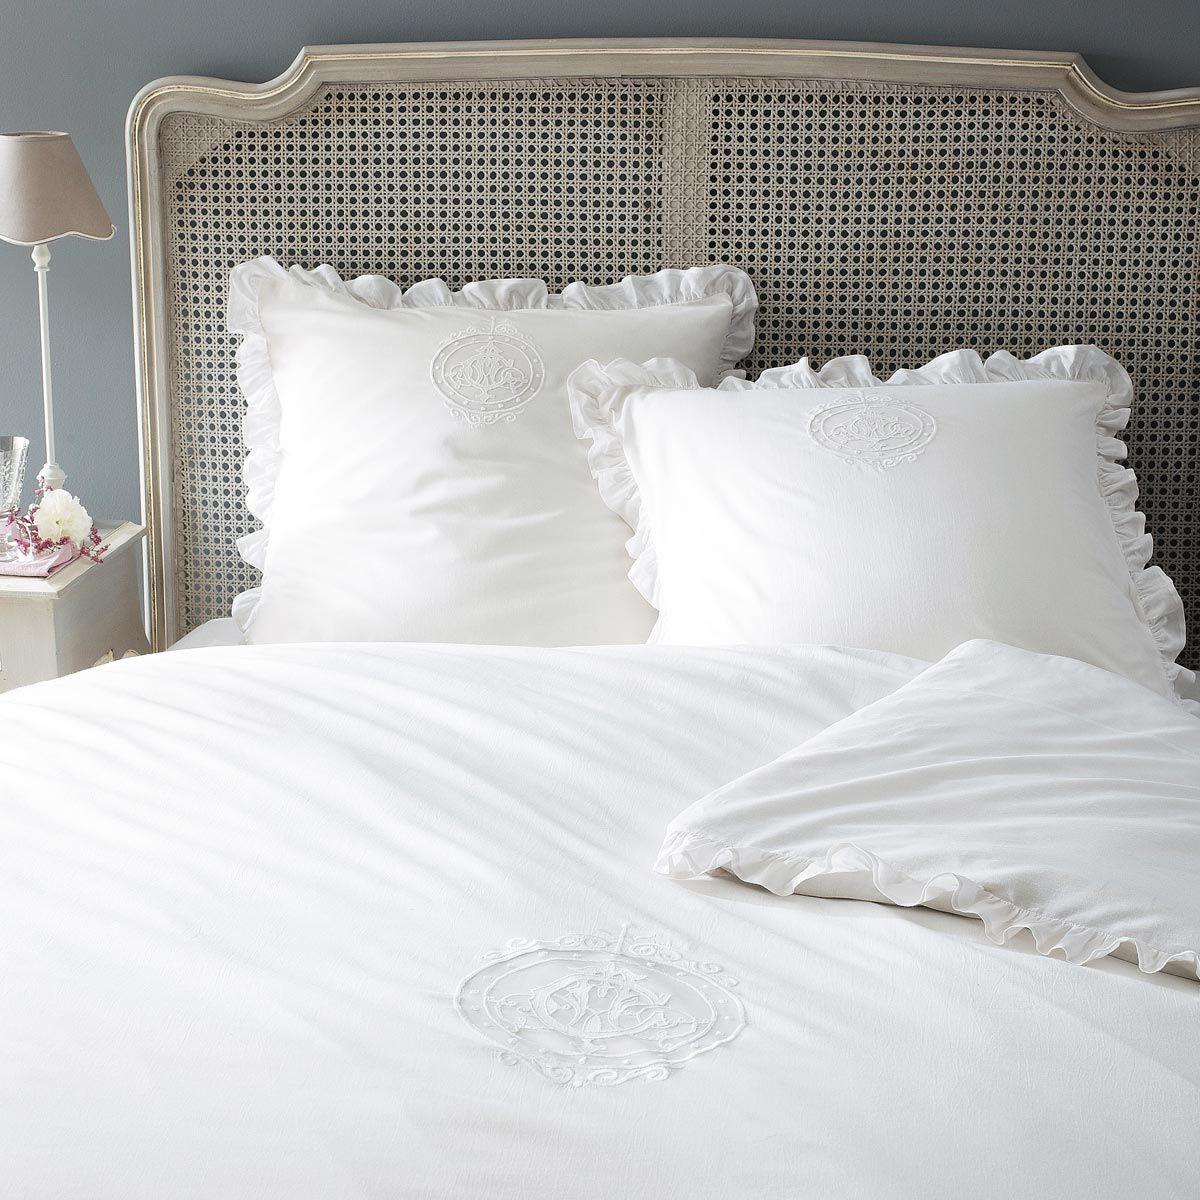 parure housse de couette blanche 240x220 2 taies d 39 oreiller carpe diem deco en 2019 housse. Black Bedroom Furniture Sets. Home Design Ideas